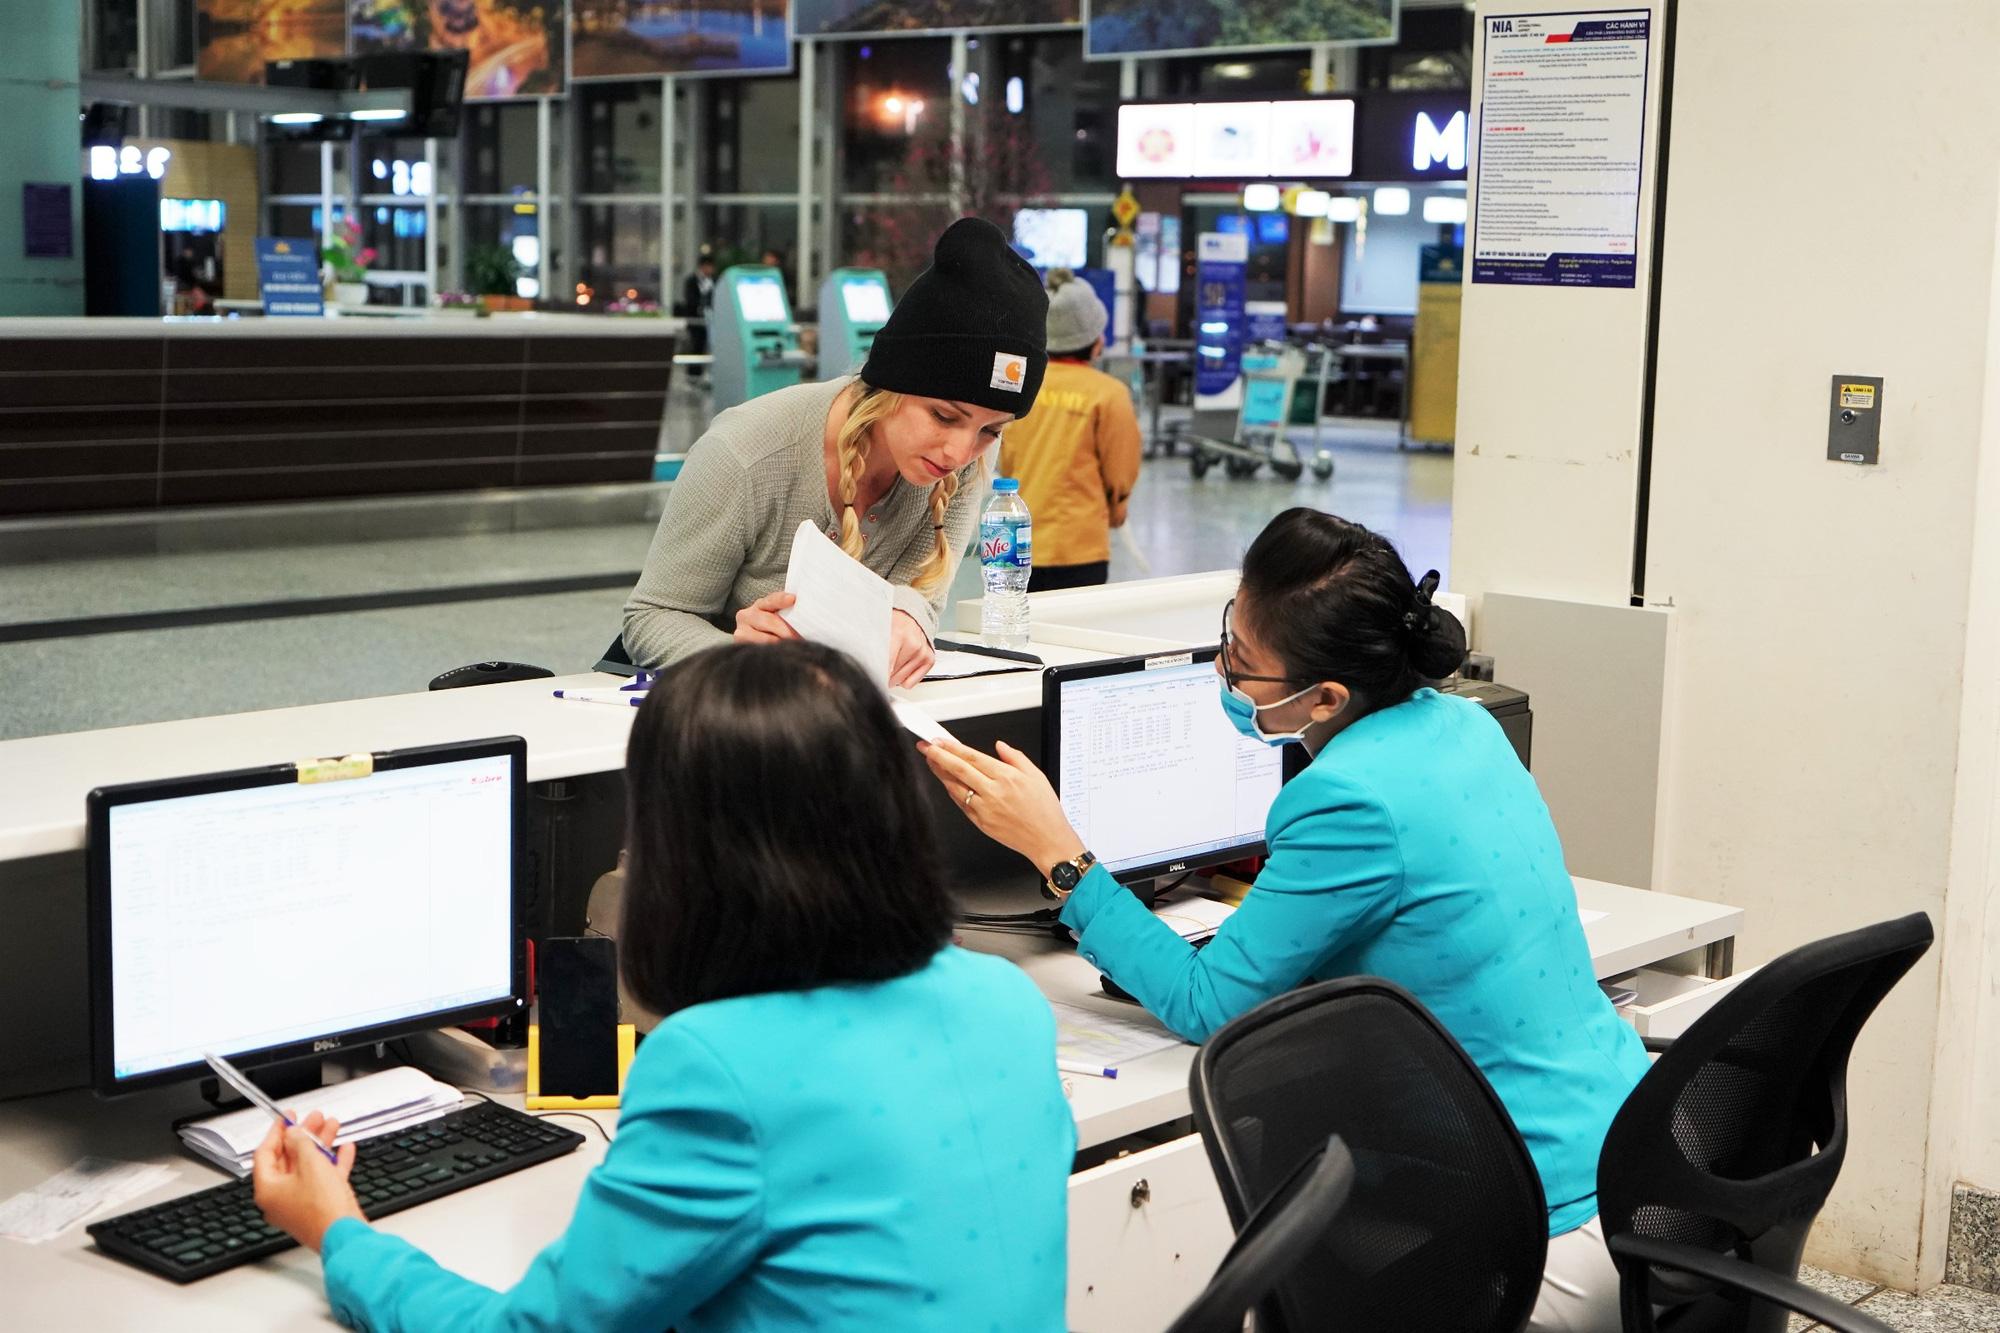 Đầu xuân kém vui với Vietnam Airlines: Lợi nhuận quí IV giảm 99%, nhiều đường bay bị dừng, cổ phiếu liên tục đi xuống - Ảnh 3.